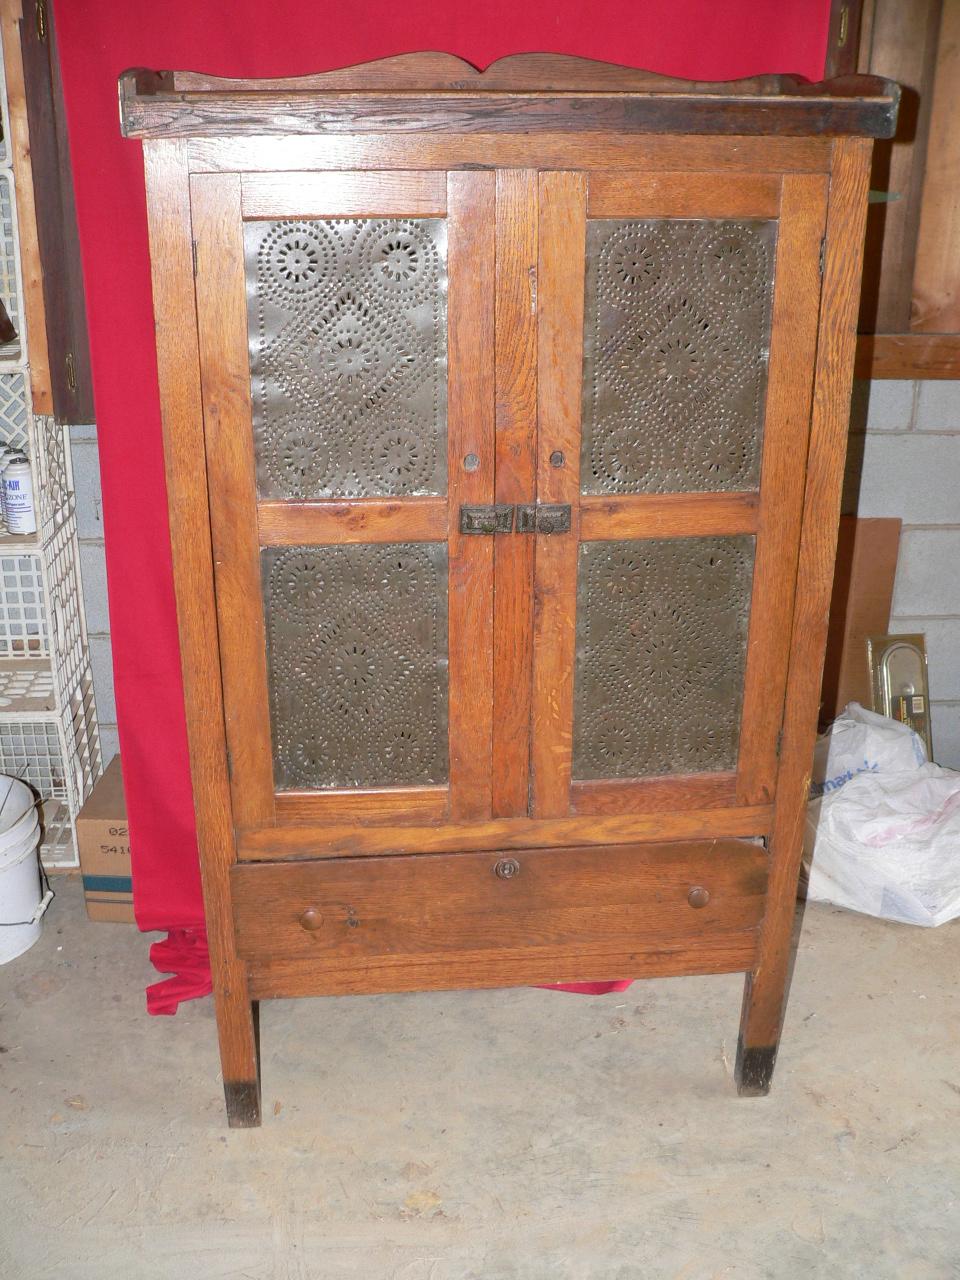 Pie Safe For Sale Antiques.com Classifieds - Antique Pie Cupboard Antique  Furniture - Antique - Antique Cupboard For Sale Antique Furniture